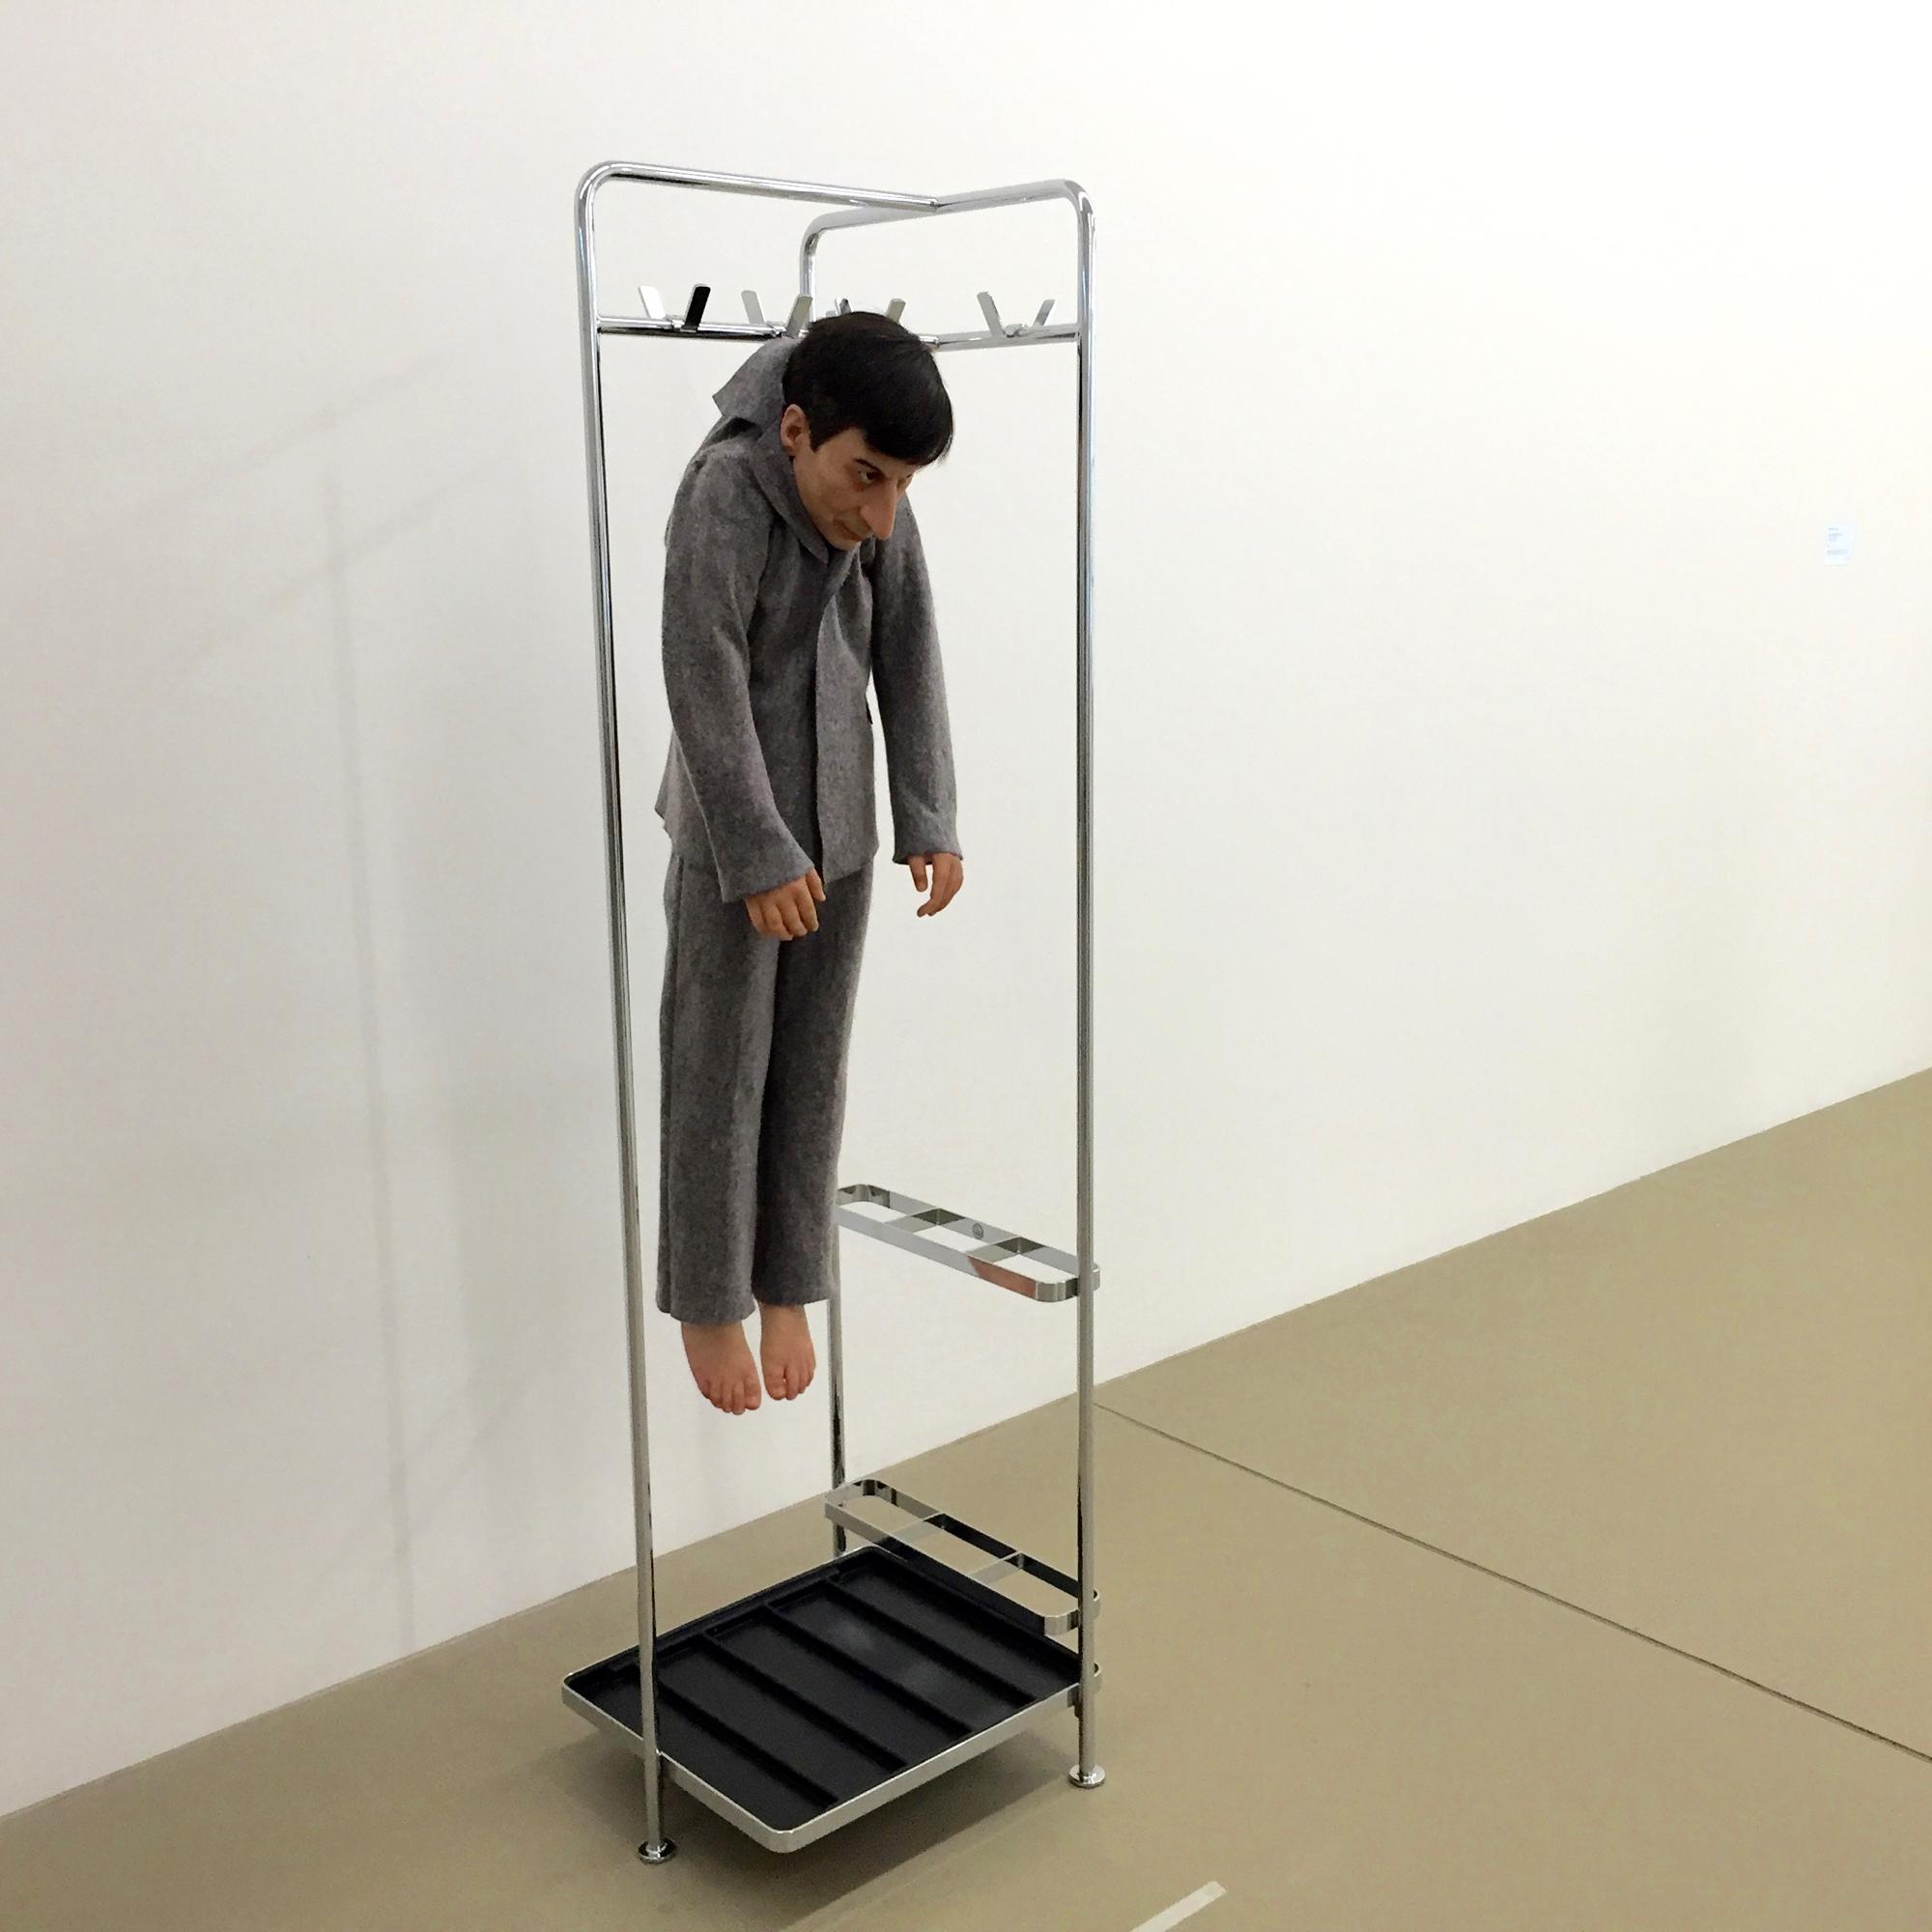 Maurizio Cattelan hängt das verkleinerte Selbst im Beuysschen Filzanzug in die Garderobe und verkündet: «La rivoluzione siamo noi»